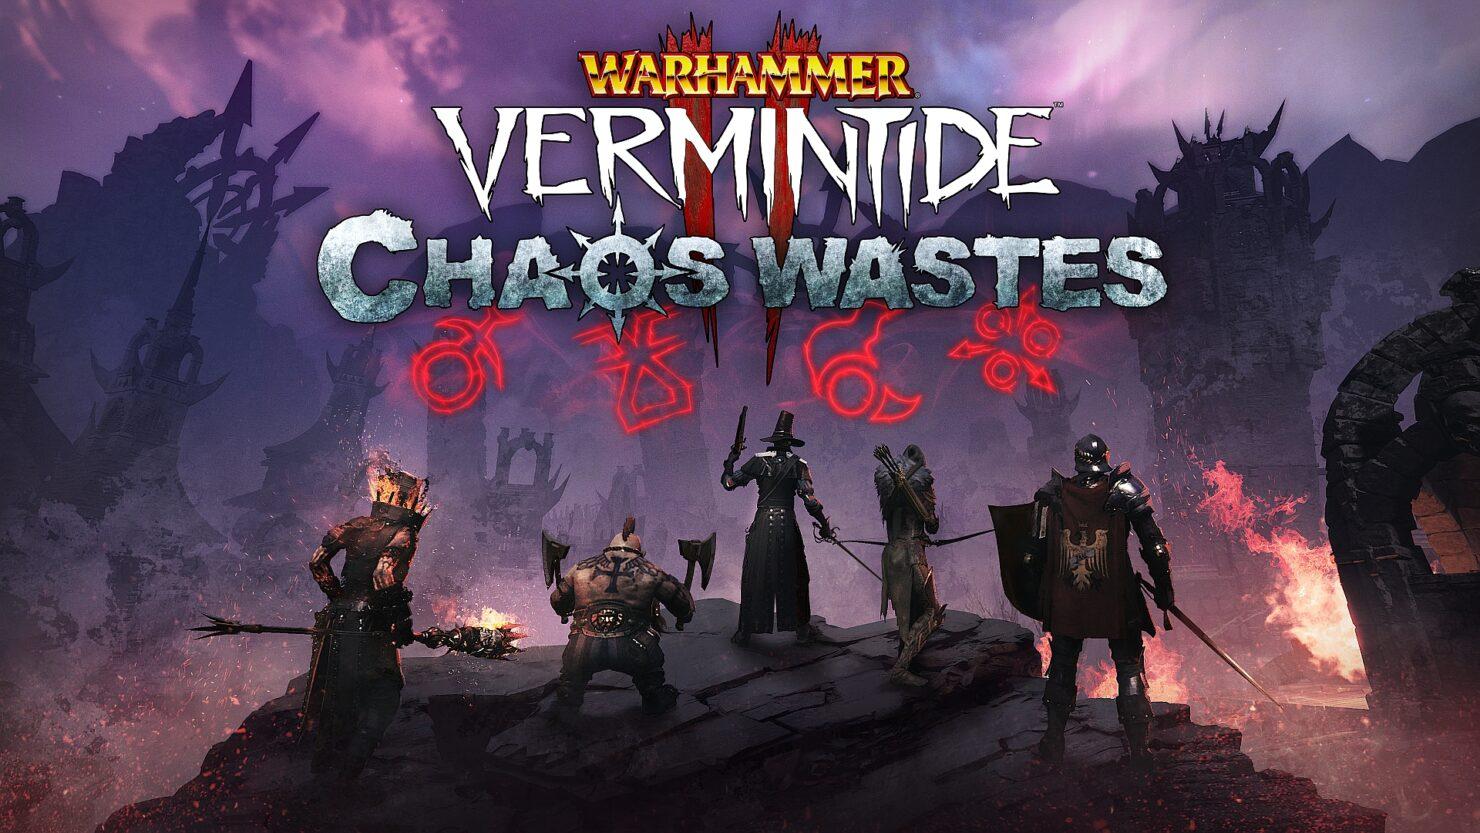 Chaos Wastes